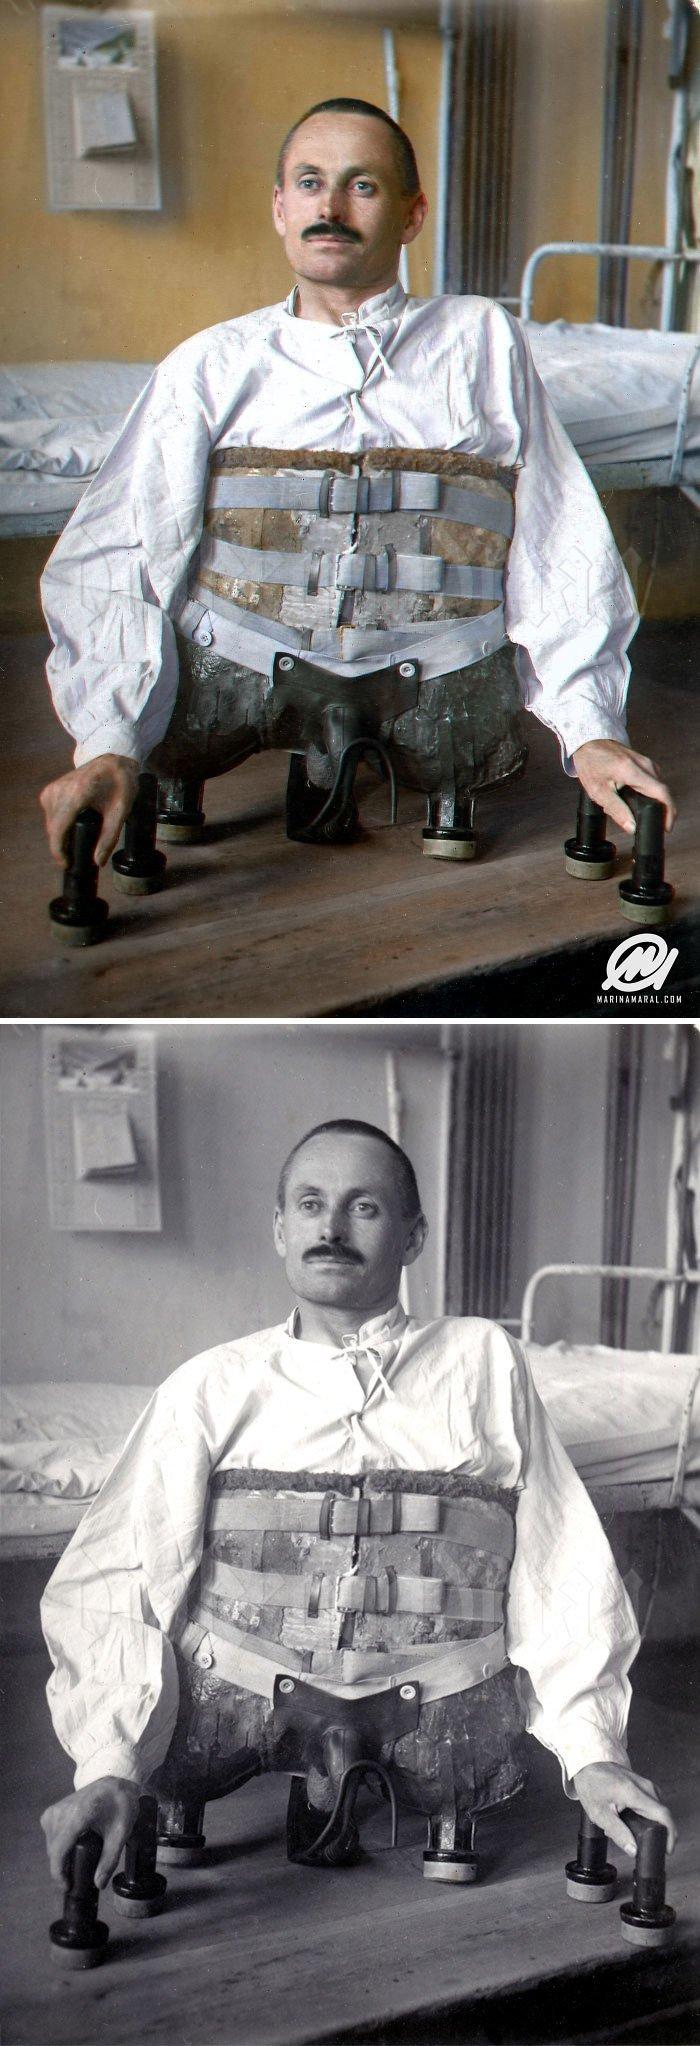 Доминикус Мюллер история, портрет, прошлое, событие, фотография, фотомир, цвет